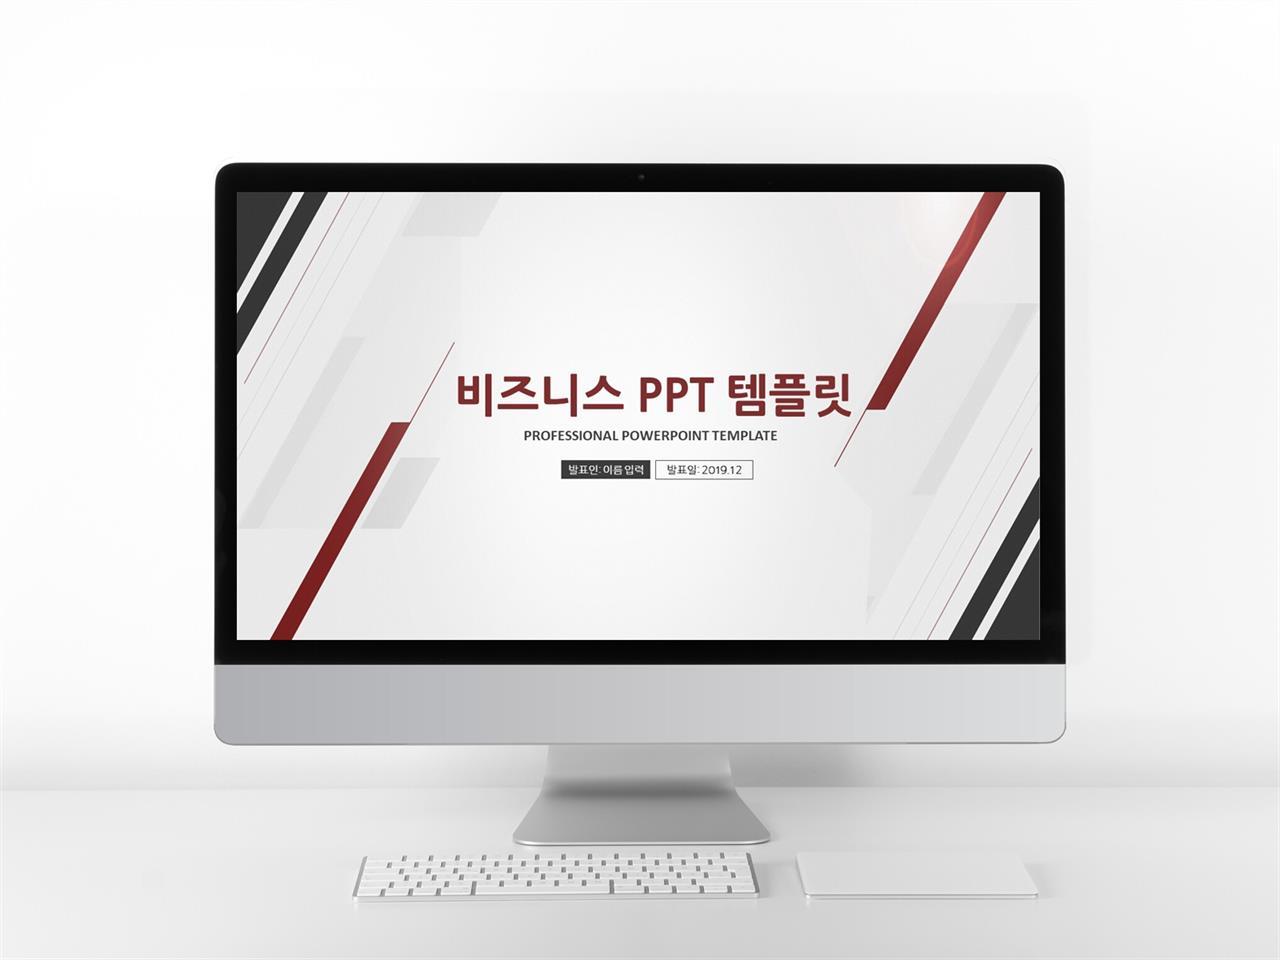 비즈니스 빨간색 세련된 고급형 PPT배경 디자인 미리보기